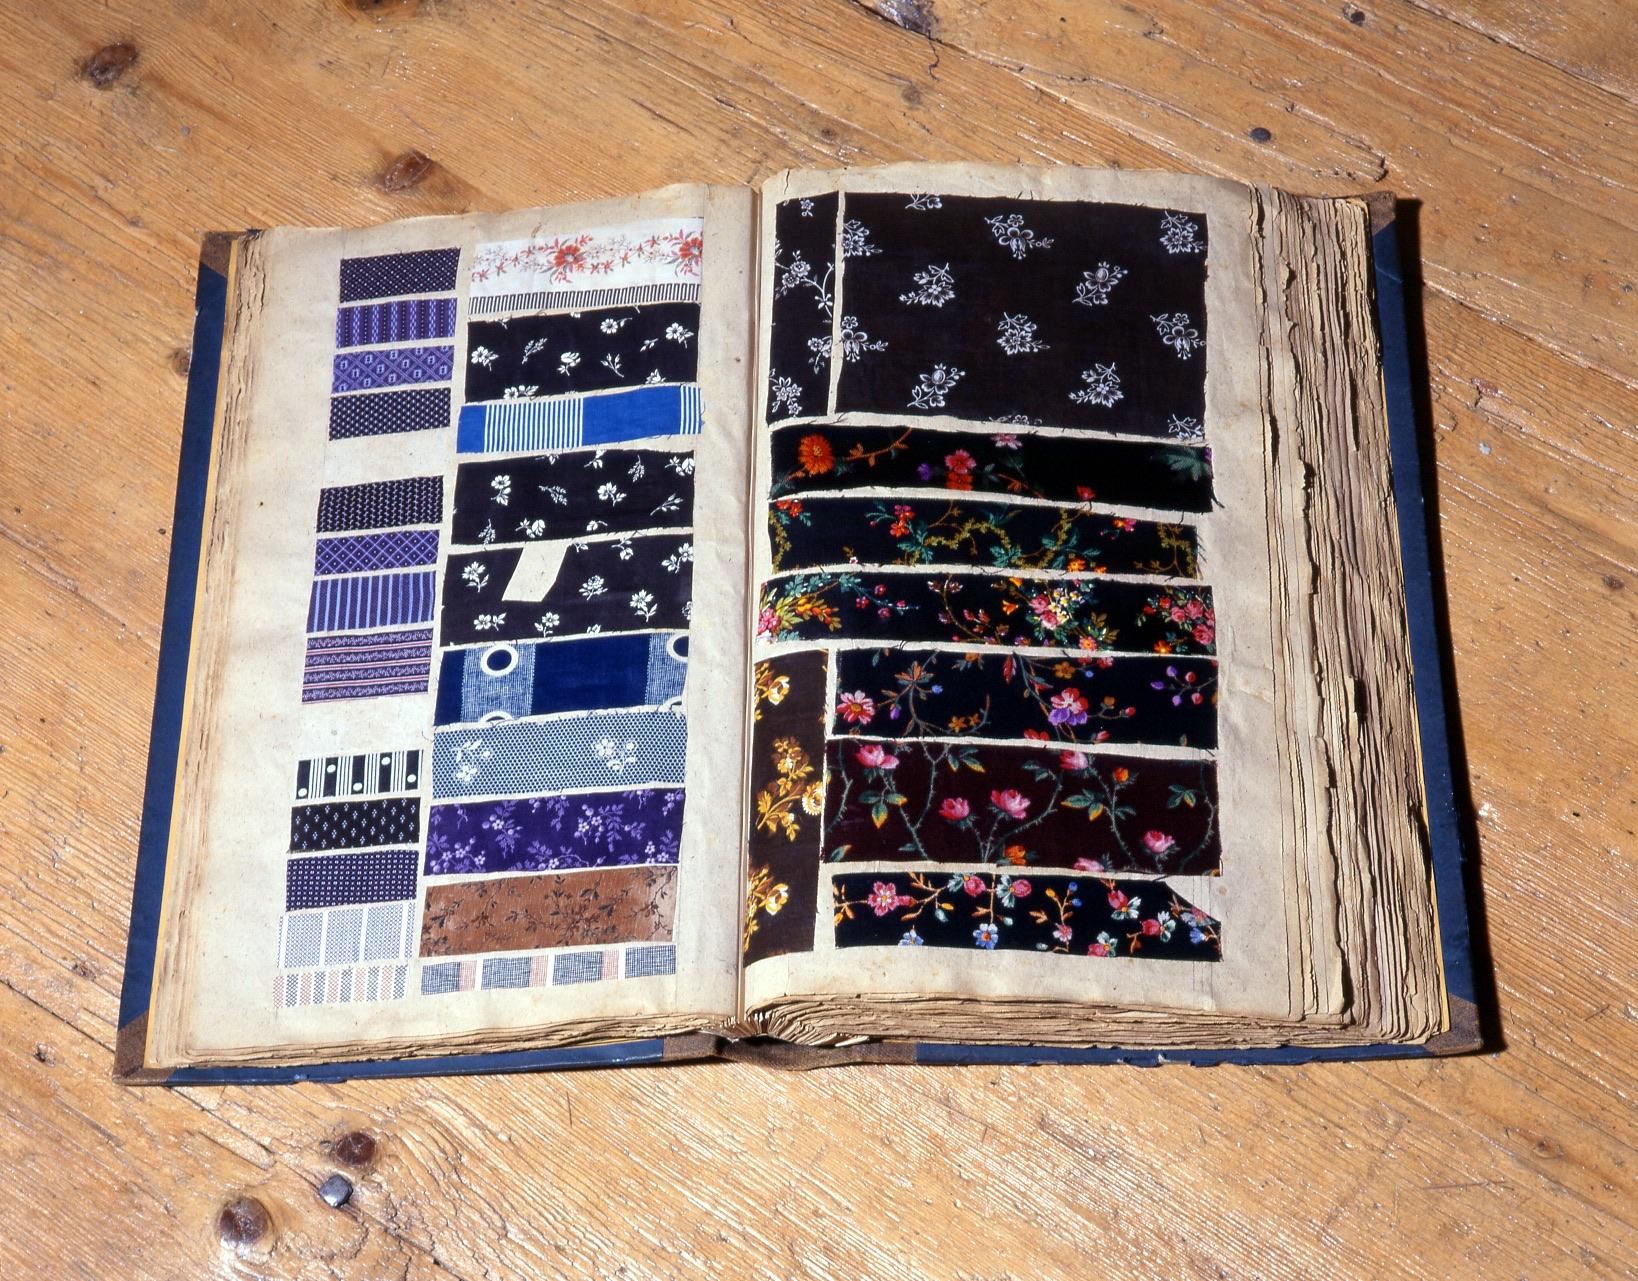 Musterbuch.jpg